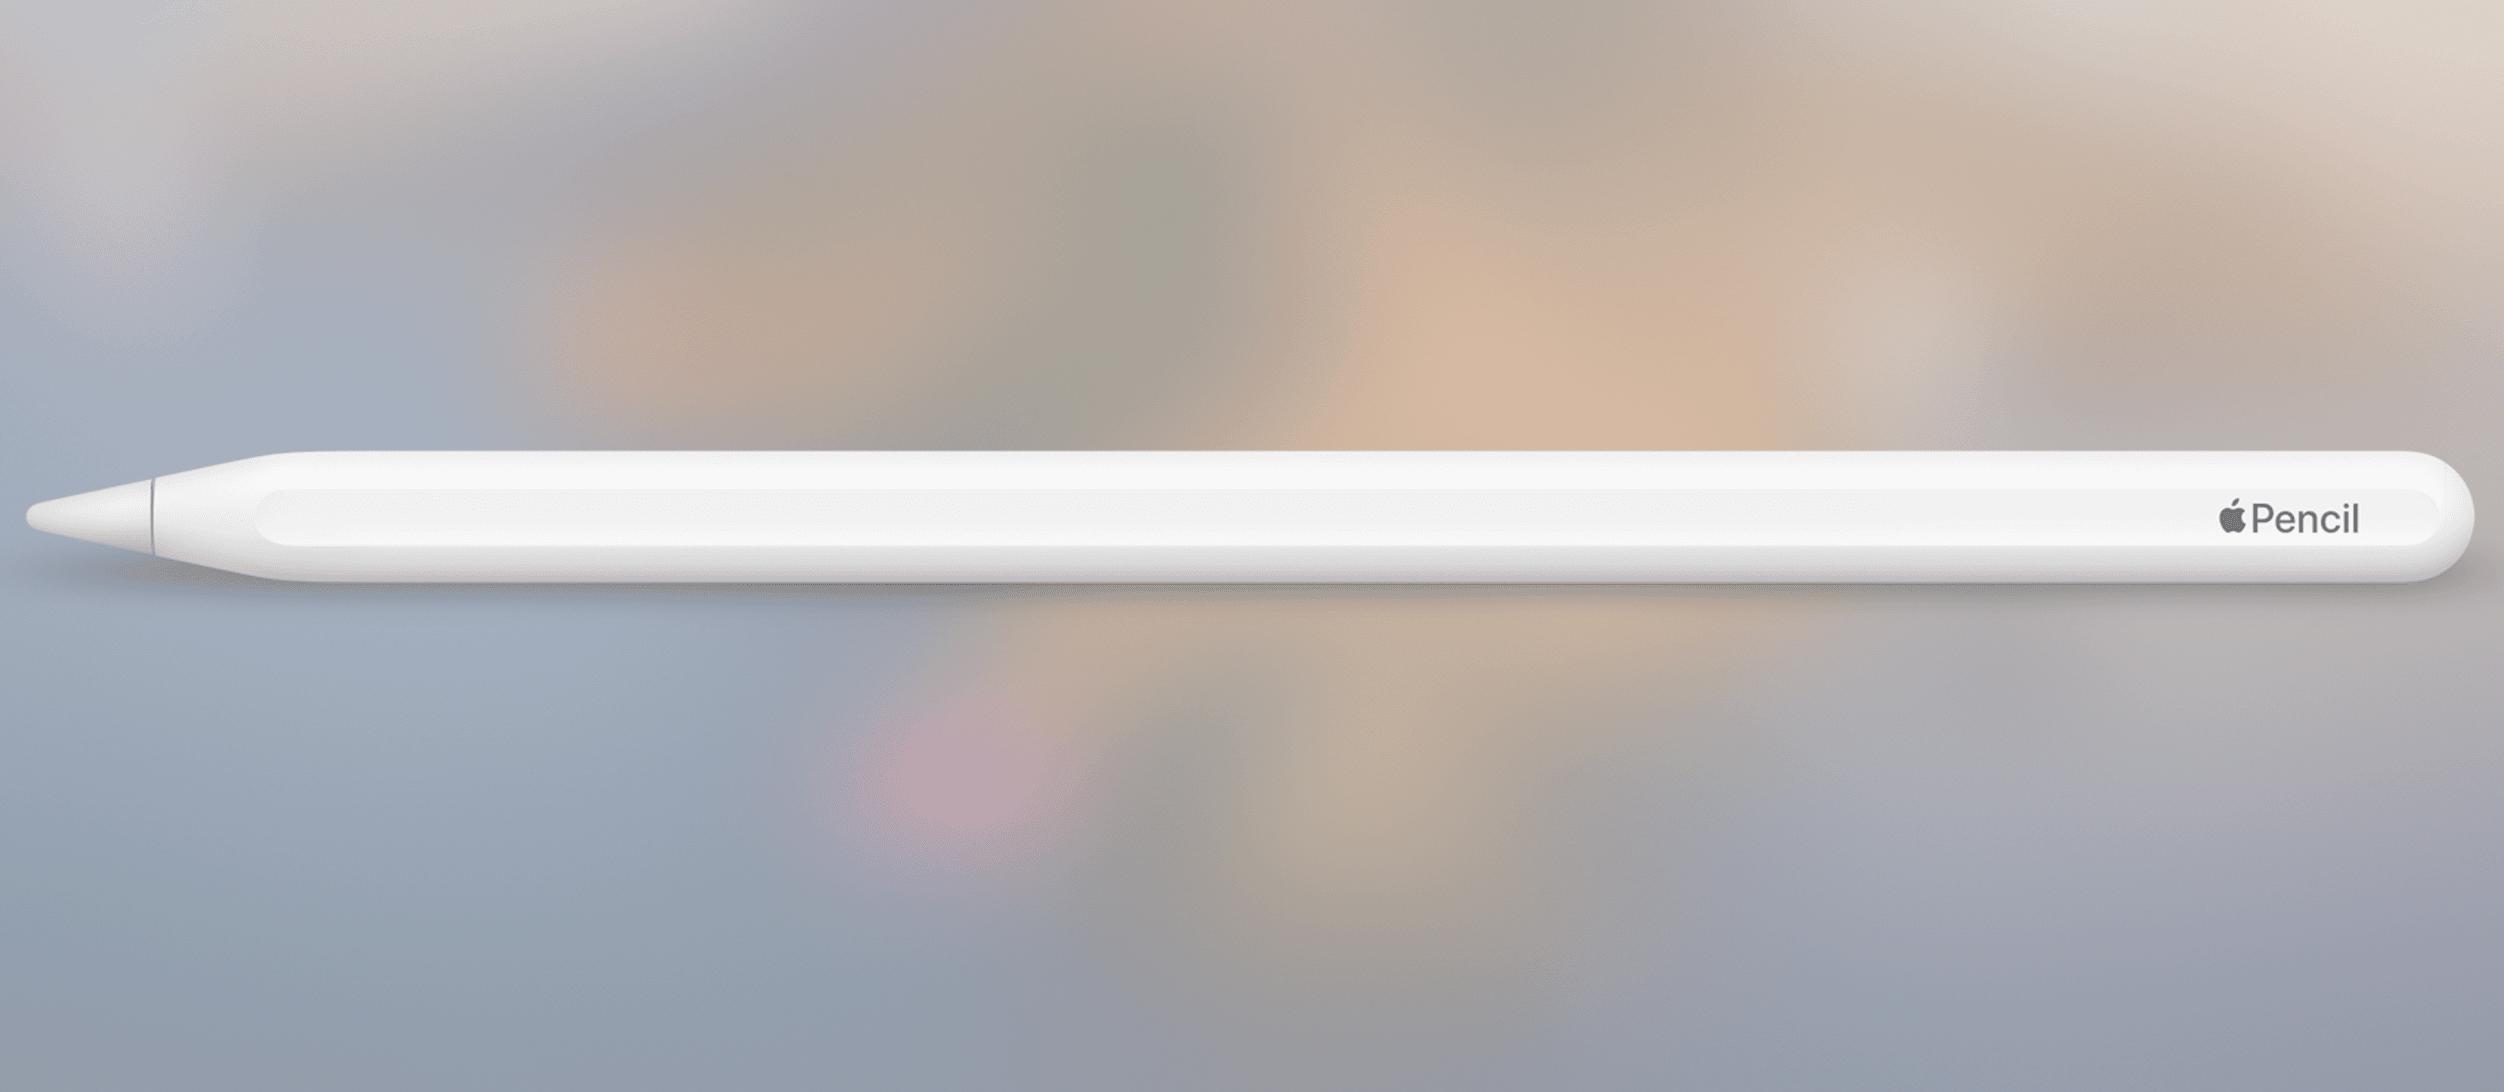 Spannendes Patent: Neuer Apple Pencil mit Touch-Oberfläche?